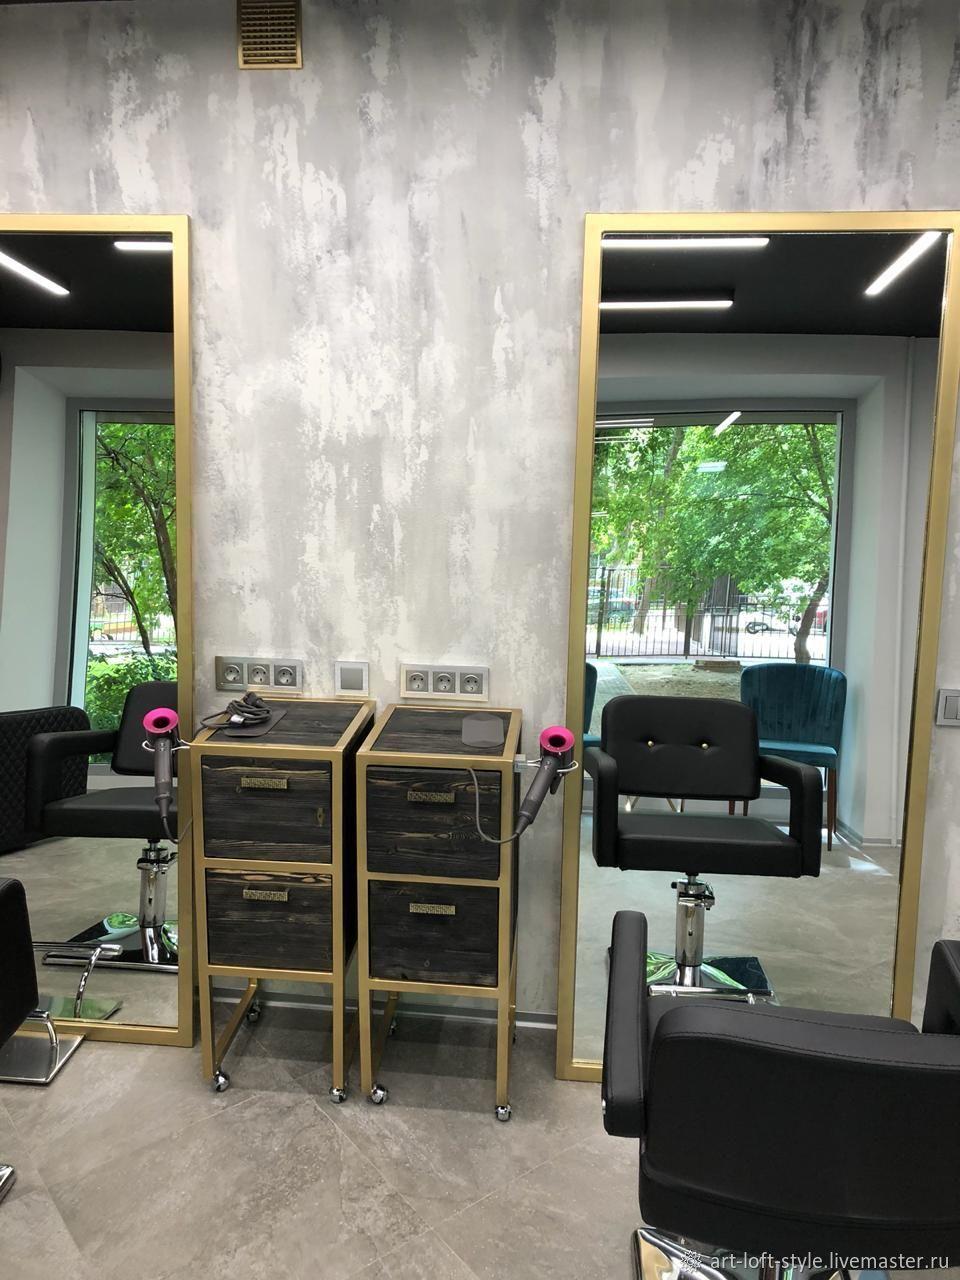 Зеркала и тумбы от нашей Творческой мастерской. Зеркало в стальном обрамлении, тумба на металлическом каркасе и массив. Производим мебель в стиле лофт для салонов красоты.